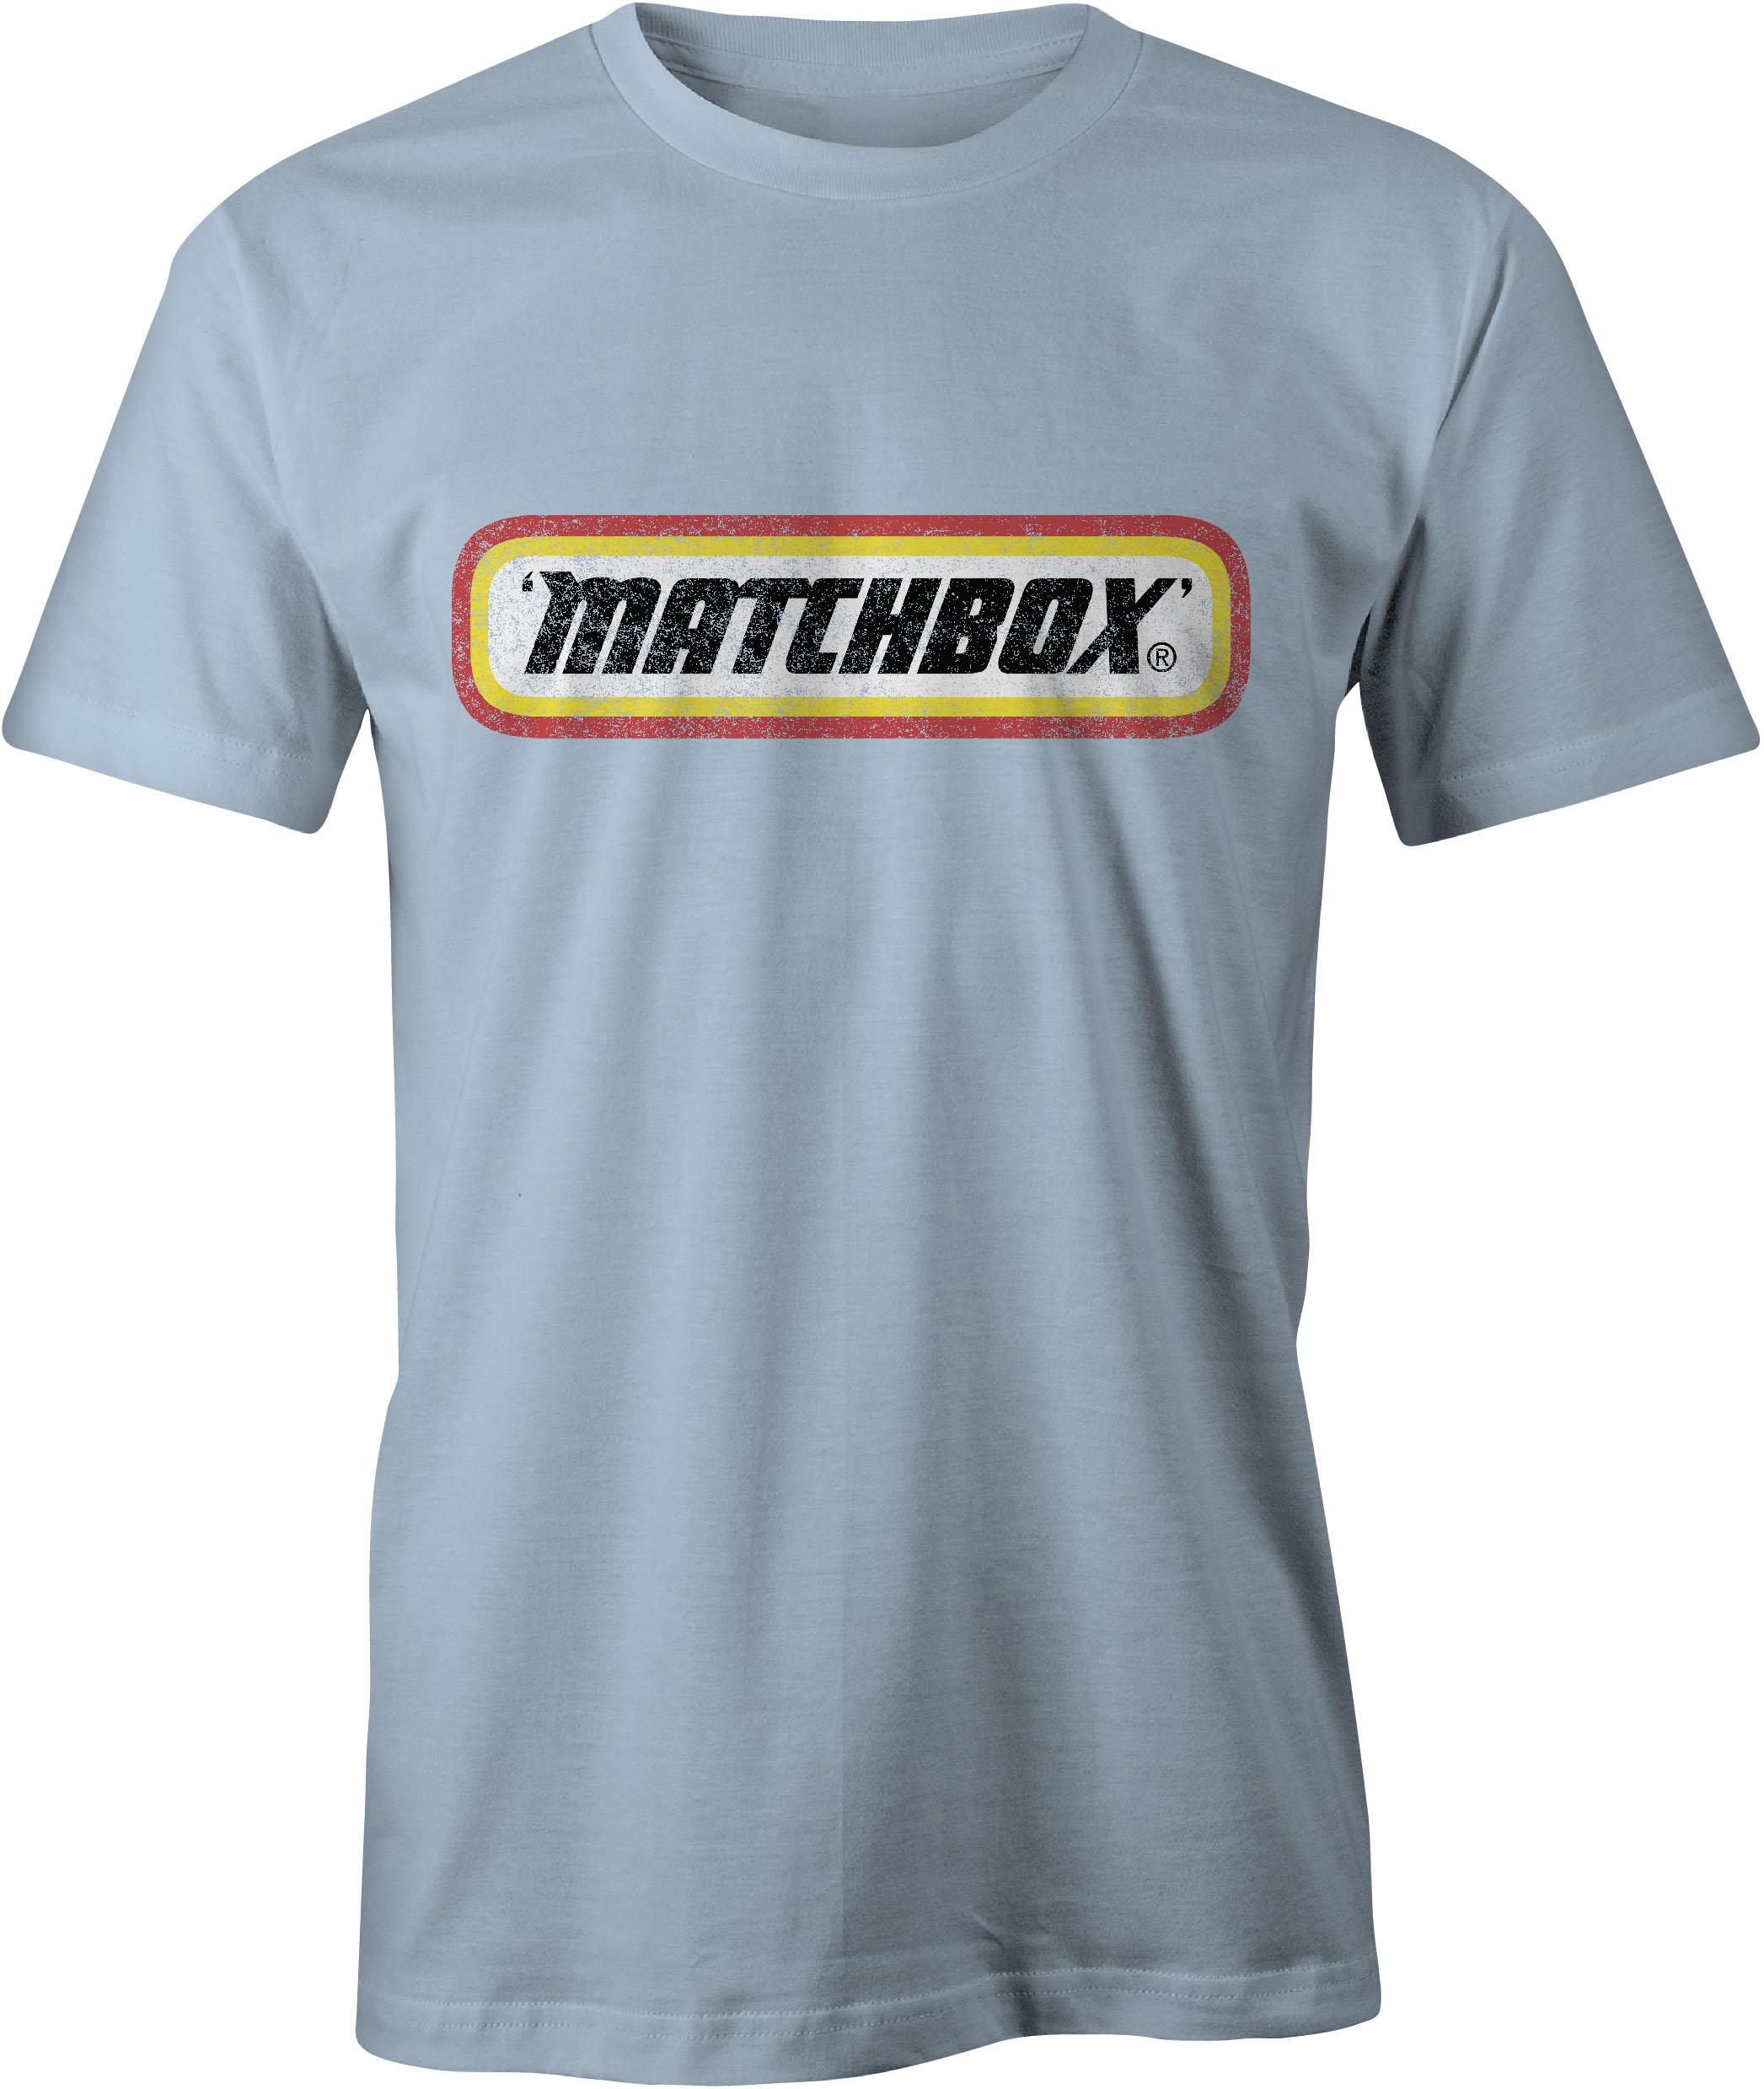 Matchbox T-Shirt Light Blue